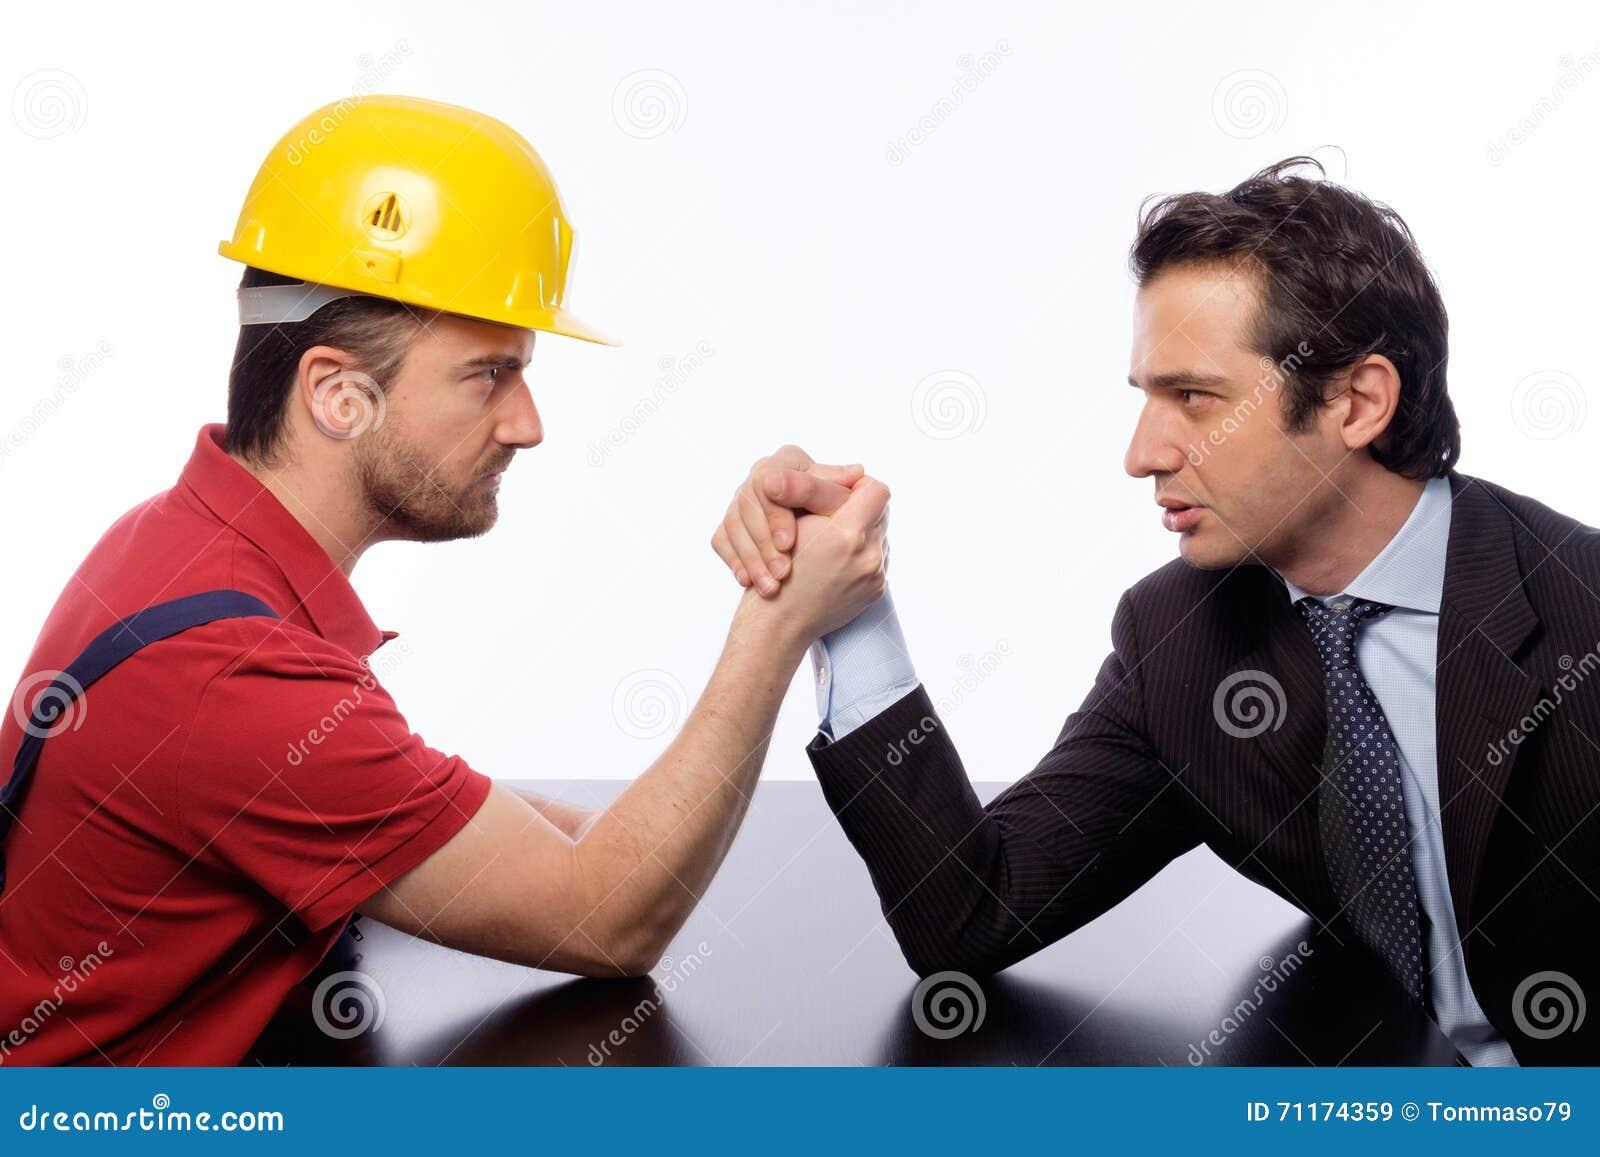 Arm wrestling white collar versus worker